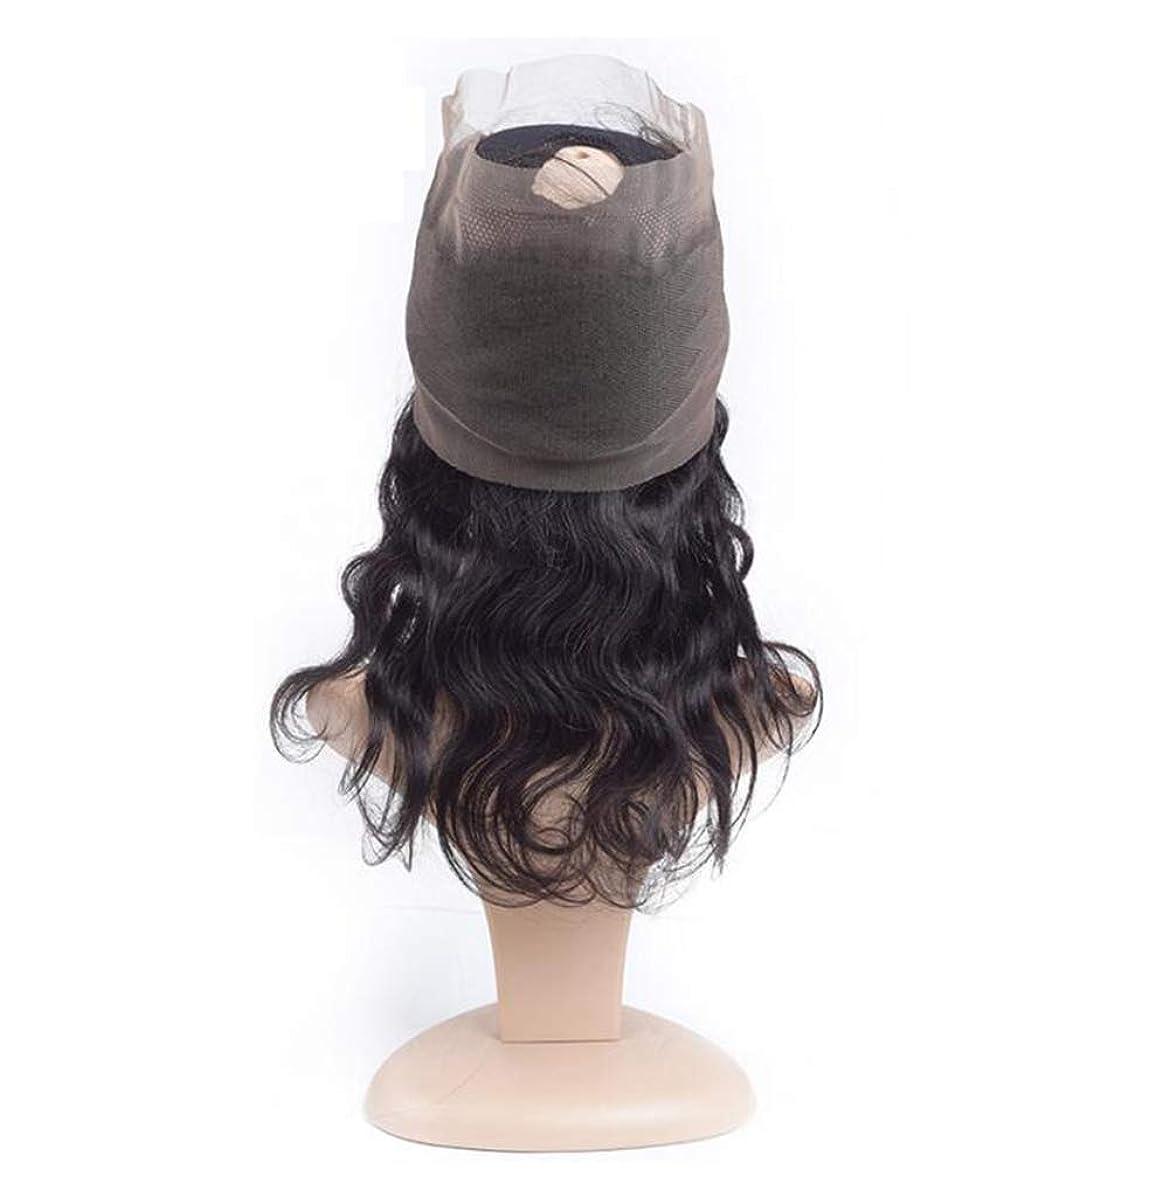 卑しい北米穴かつらブラジルウェーブバージンヘア3バンドルと閉鎖フリーパーツ 100% 未処理の人間の髪レミーヘアエクステンションナチュラルブラック